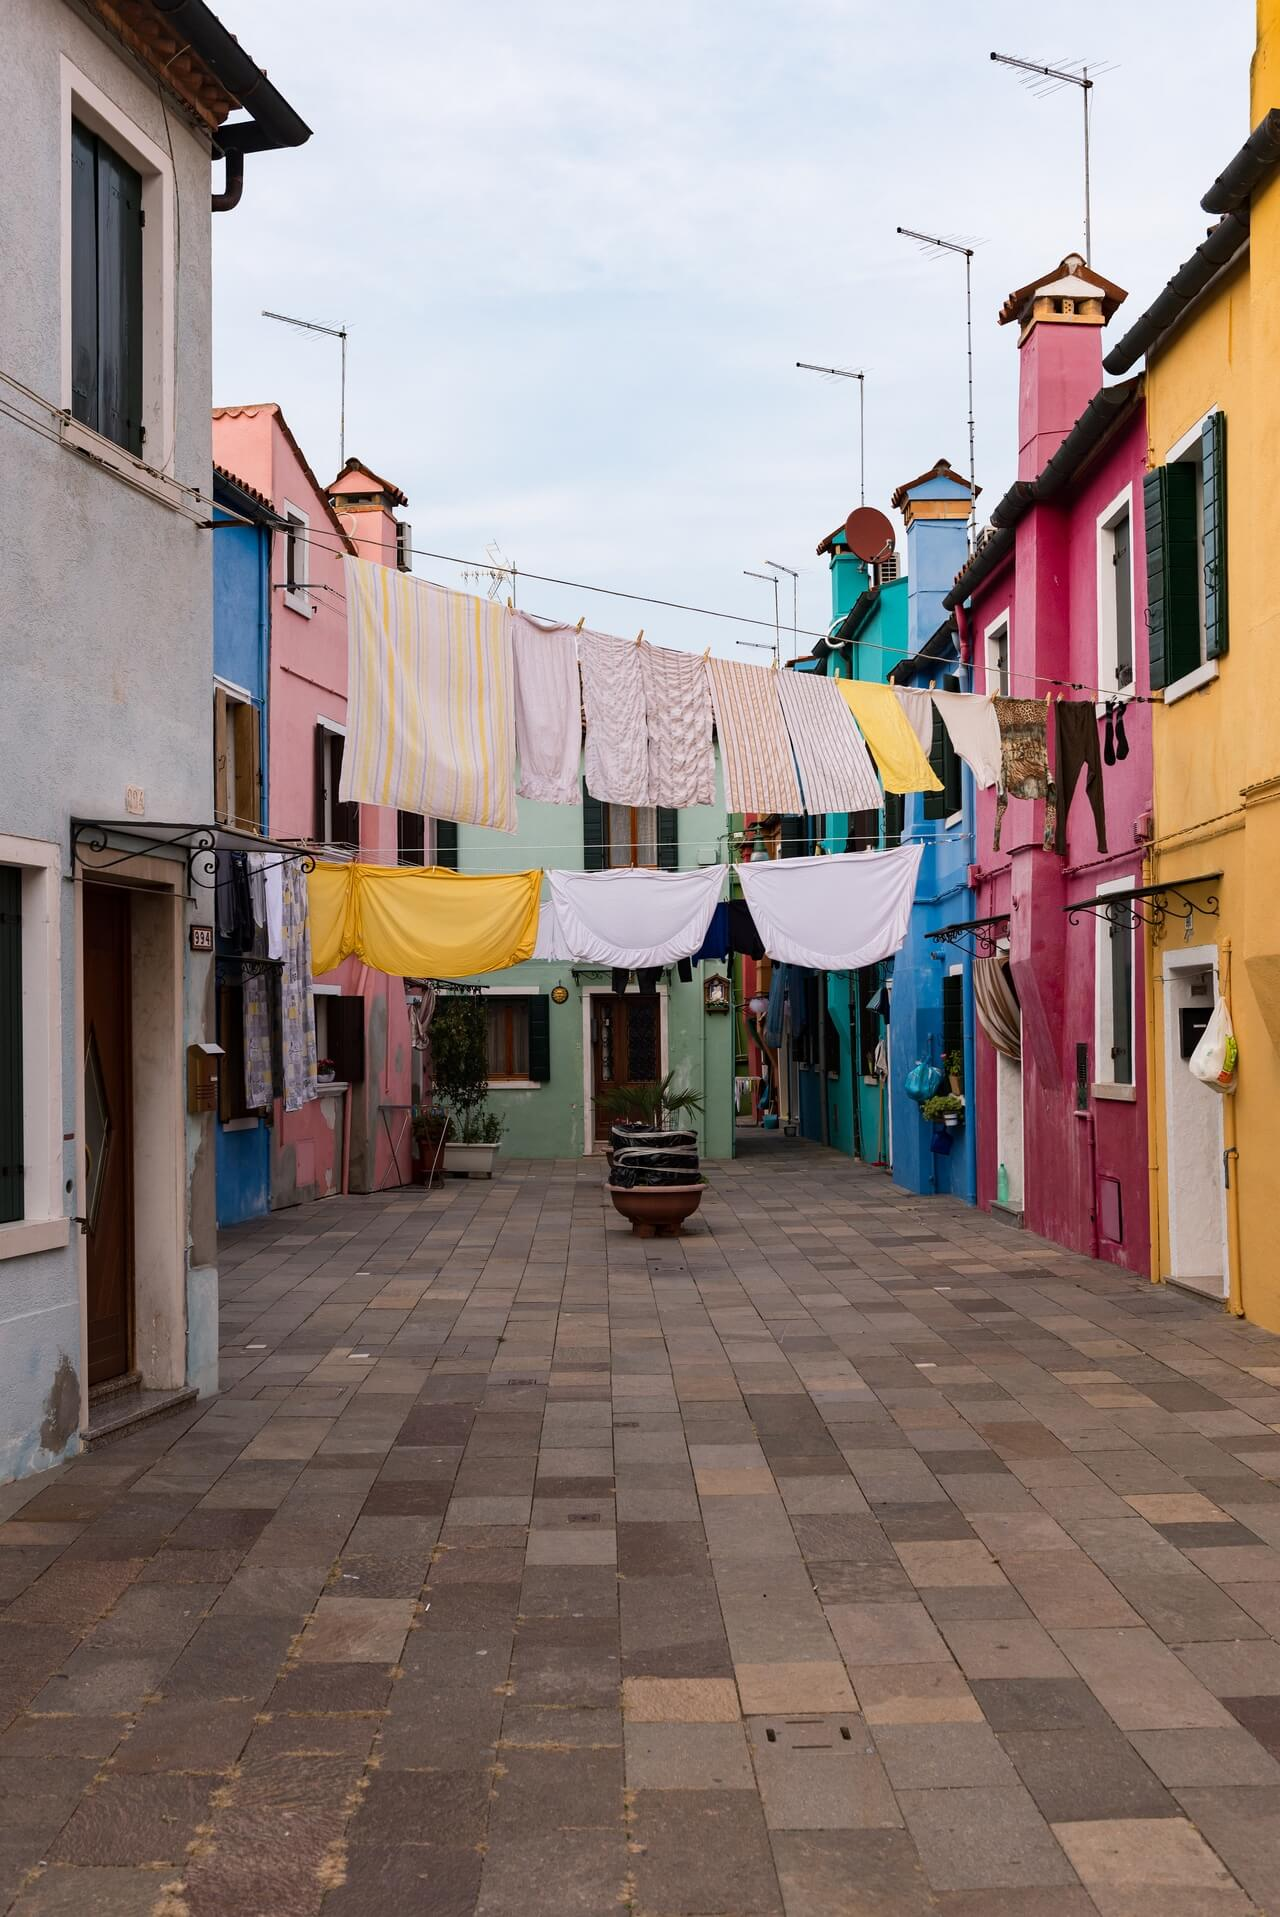 Italien: Laguna di Venezia - Burano, Fotograf: Steffen Lohse